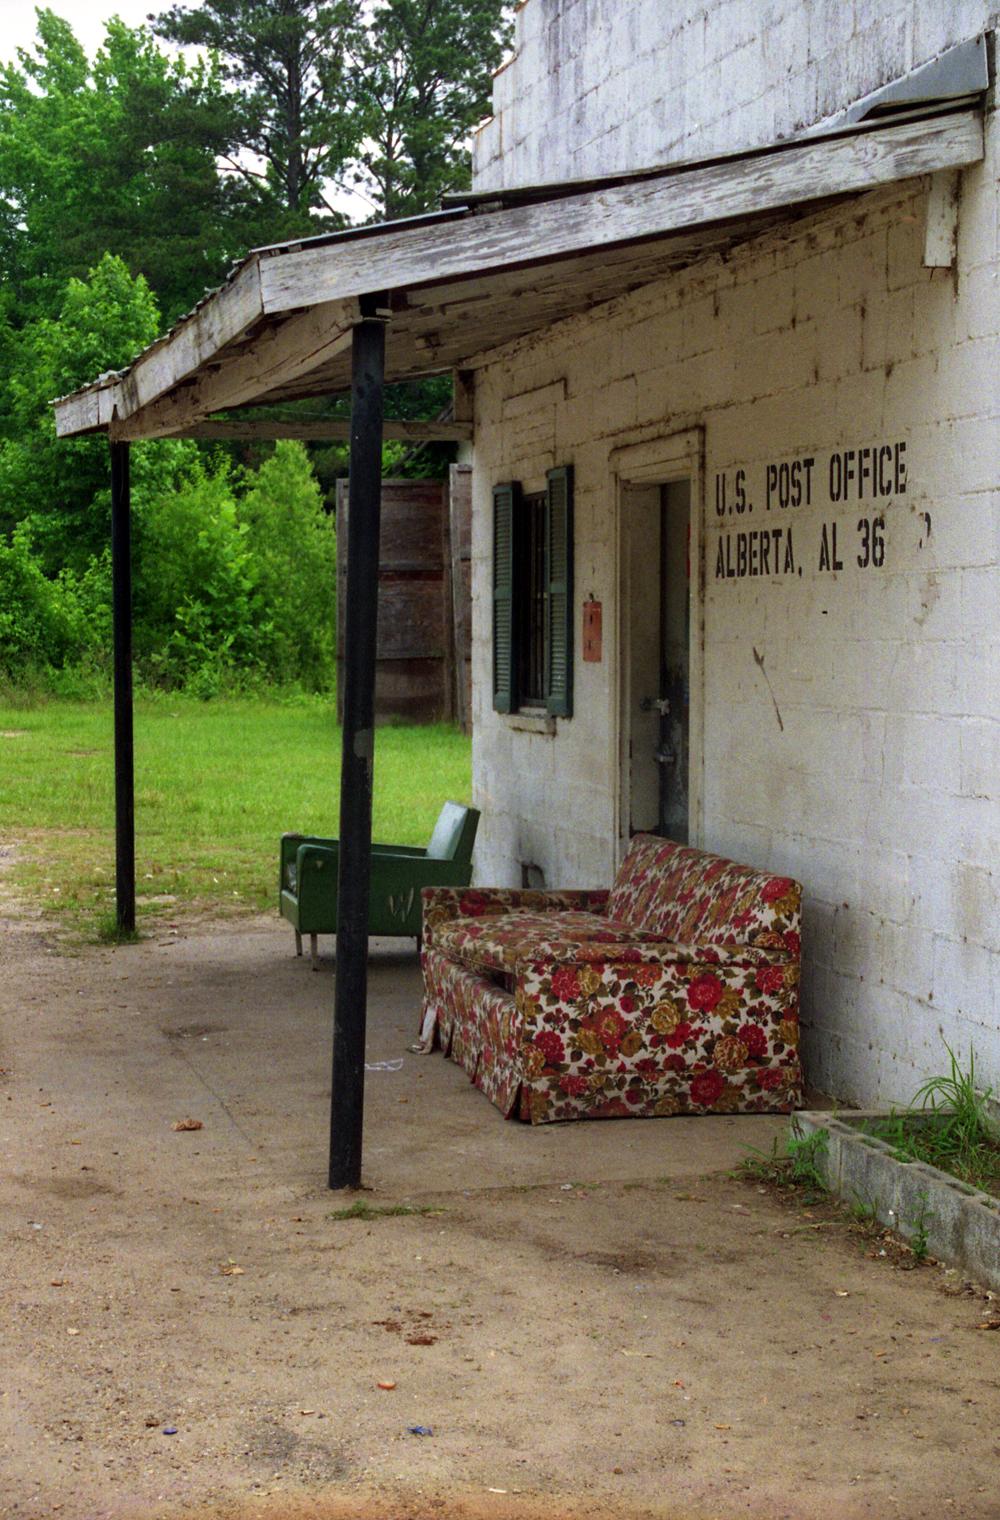 Alabama wilcox county catherine - Alabama Wilcox County Catherine 79